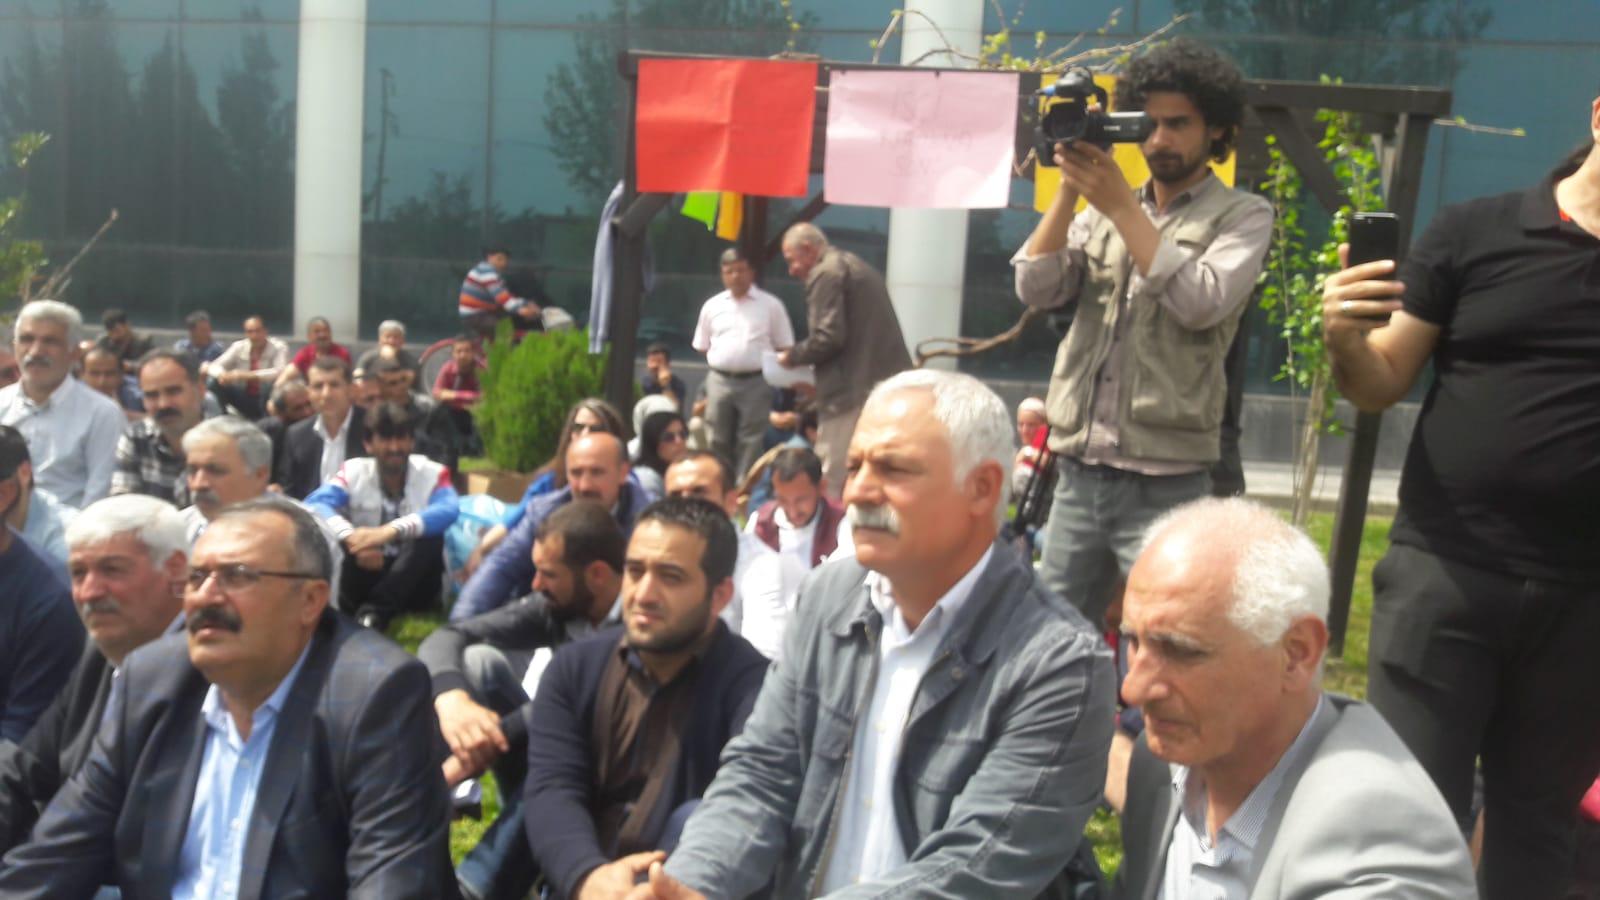 PAK, PSK, KDP-Bakur, ÖSP ve Azadi Hareketi'nden işten atılan taşeron işçilere dair destek açıklaması